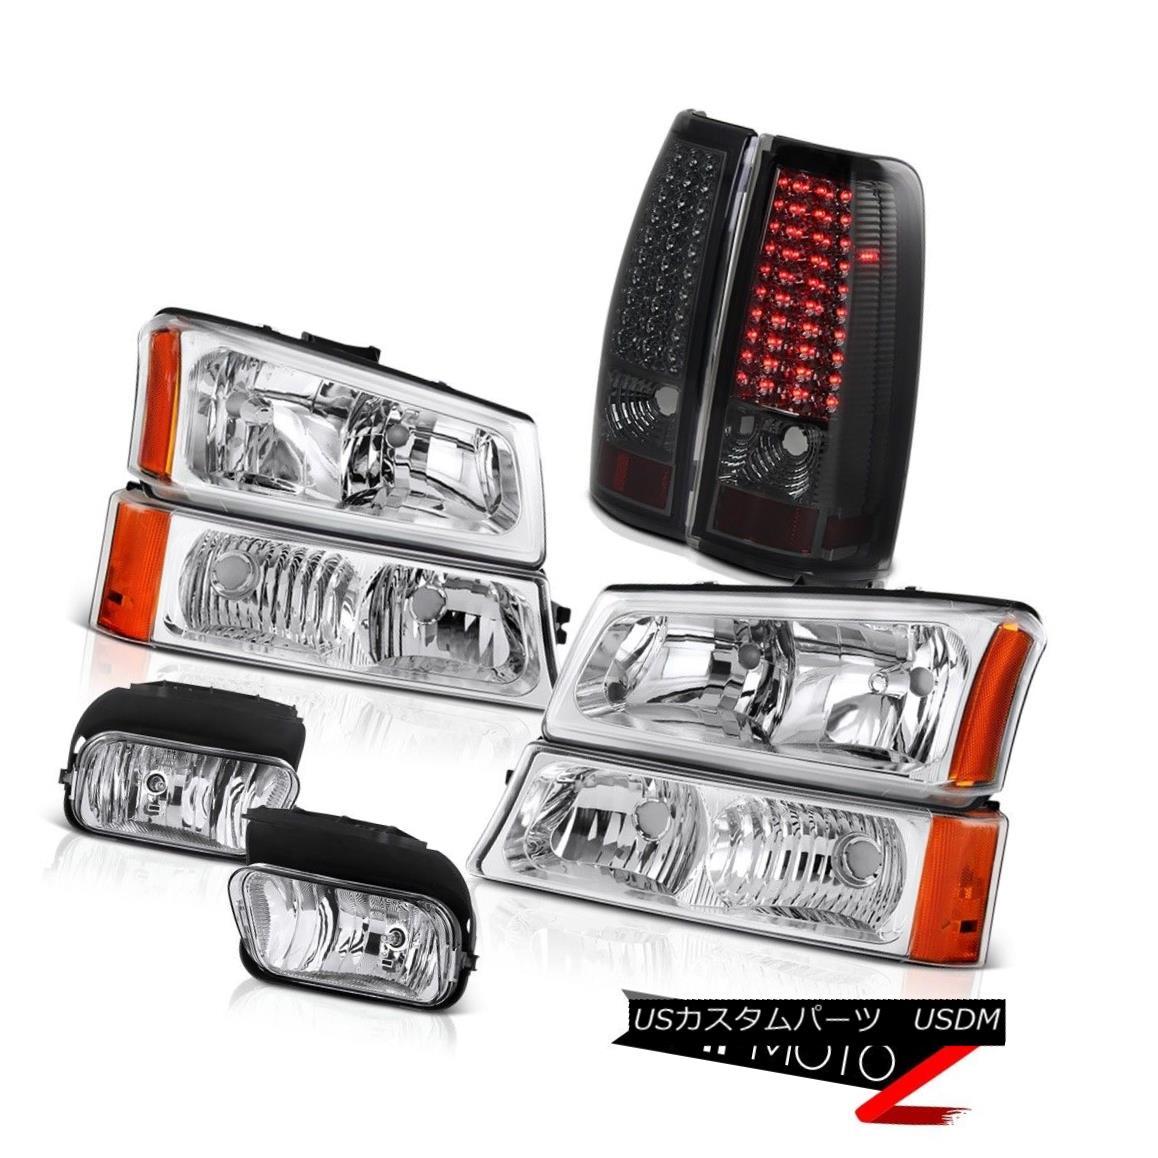 テールライト 03-07 Silverado DuraMax 6.6L Bumper Headlights LED Bulbs Tail Light Driving Fog 03-07 Silverado DuraMax 6.6LバンパーヘッドライトLED電球テールライトドライビングフォグ